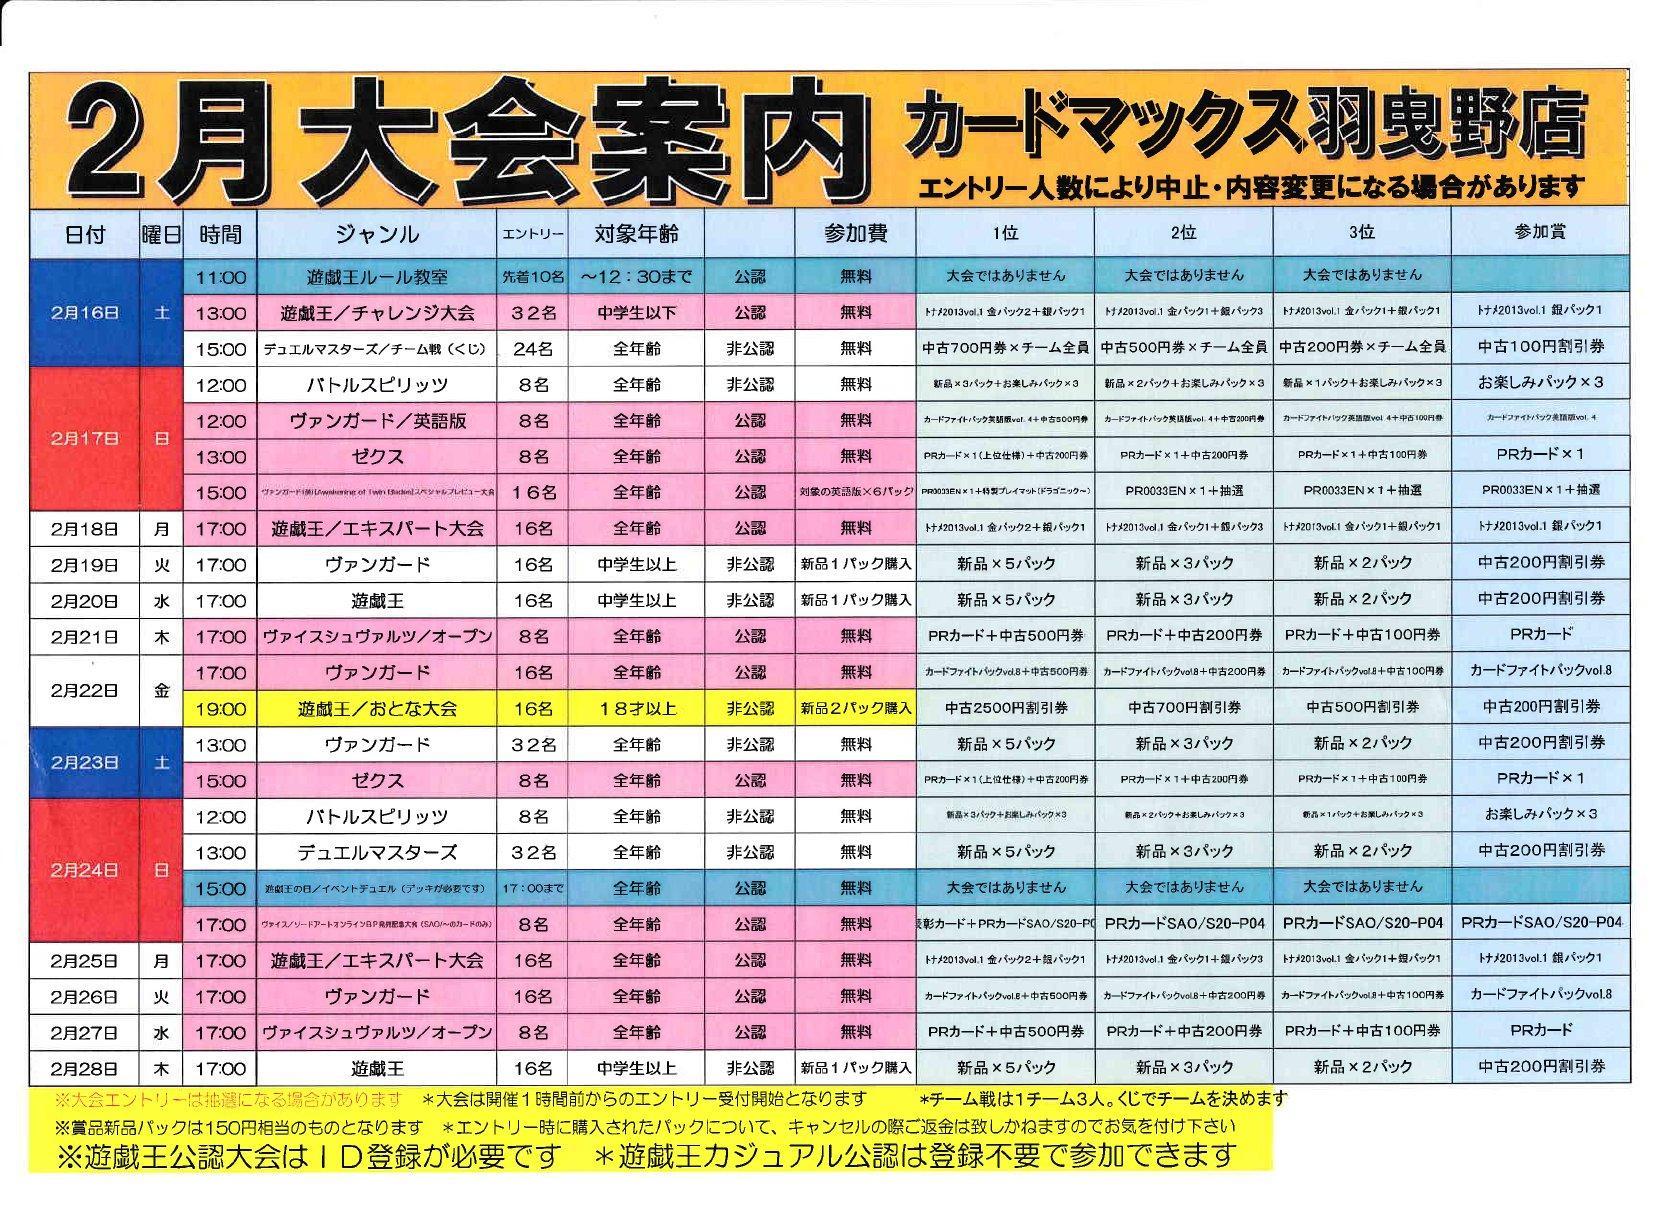 【羽曳野店】2月後半大会情報_d0259027_12285575.jpg